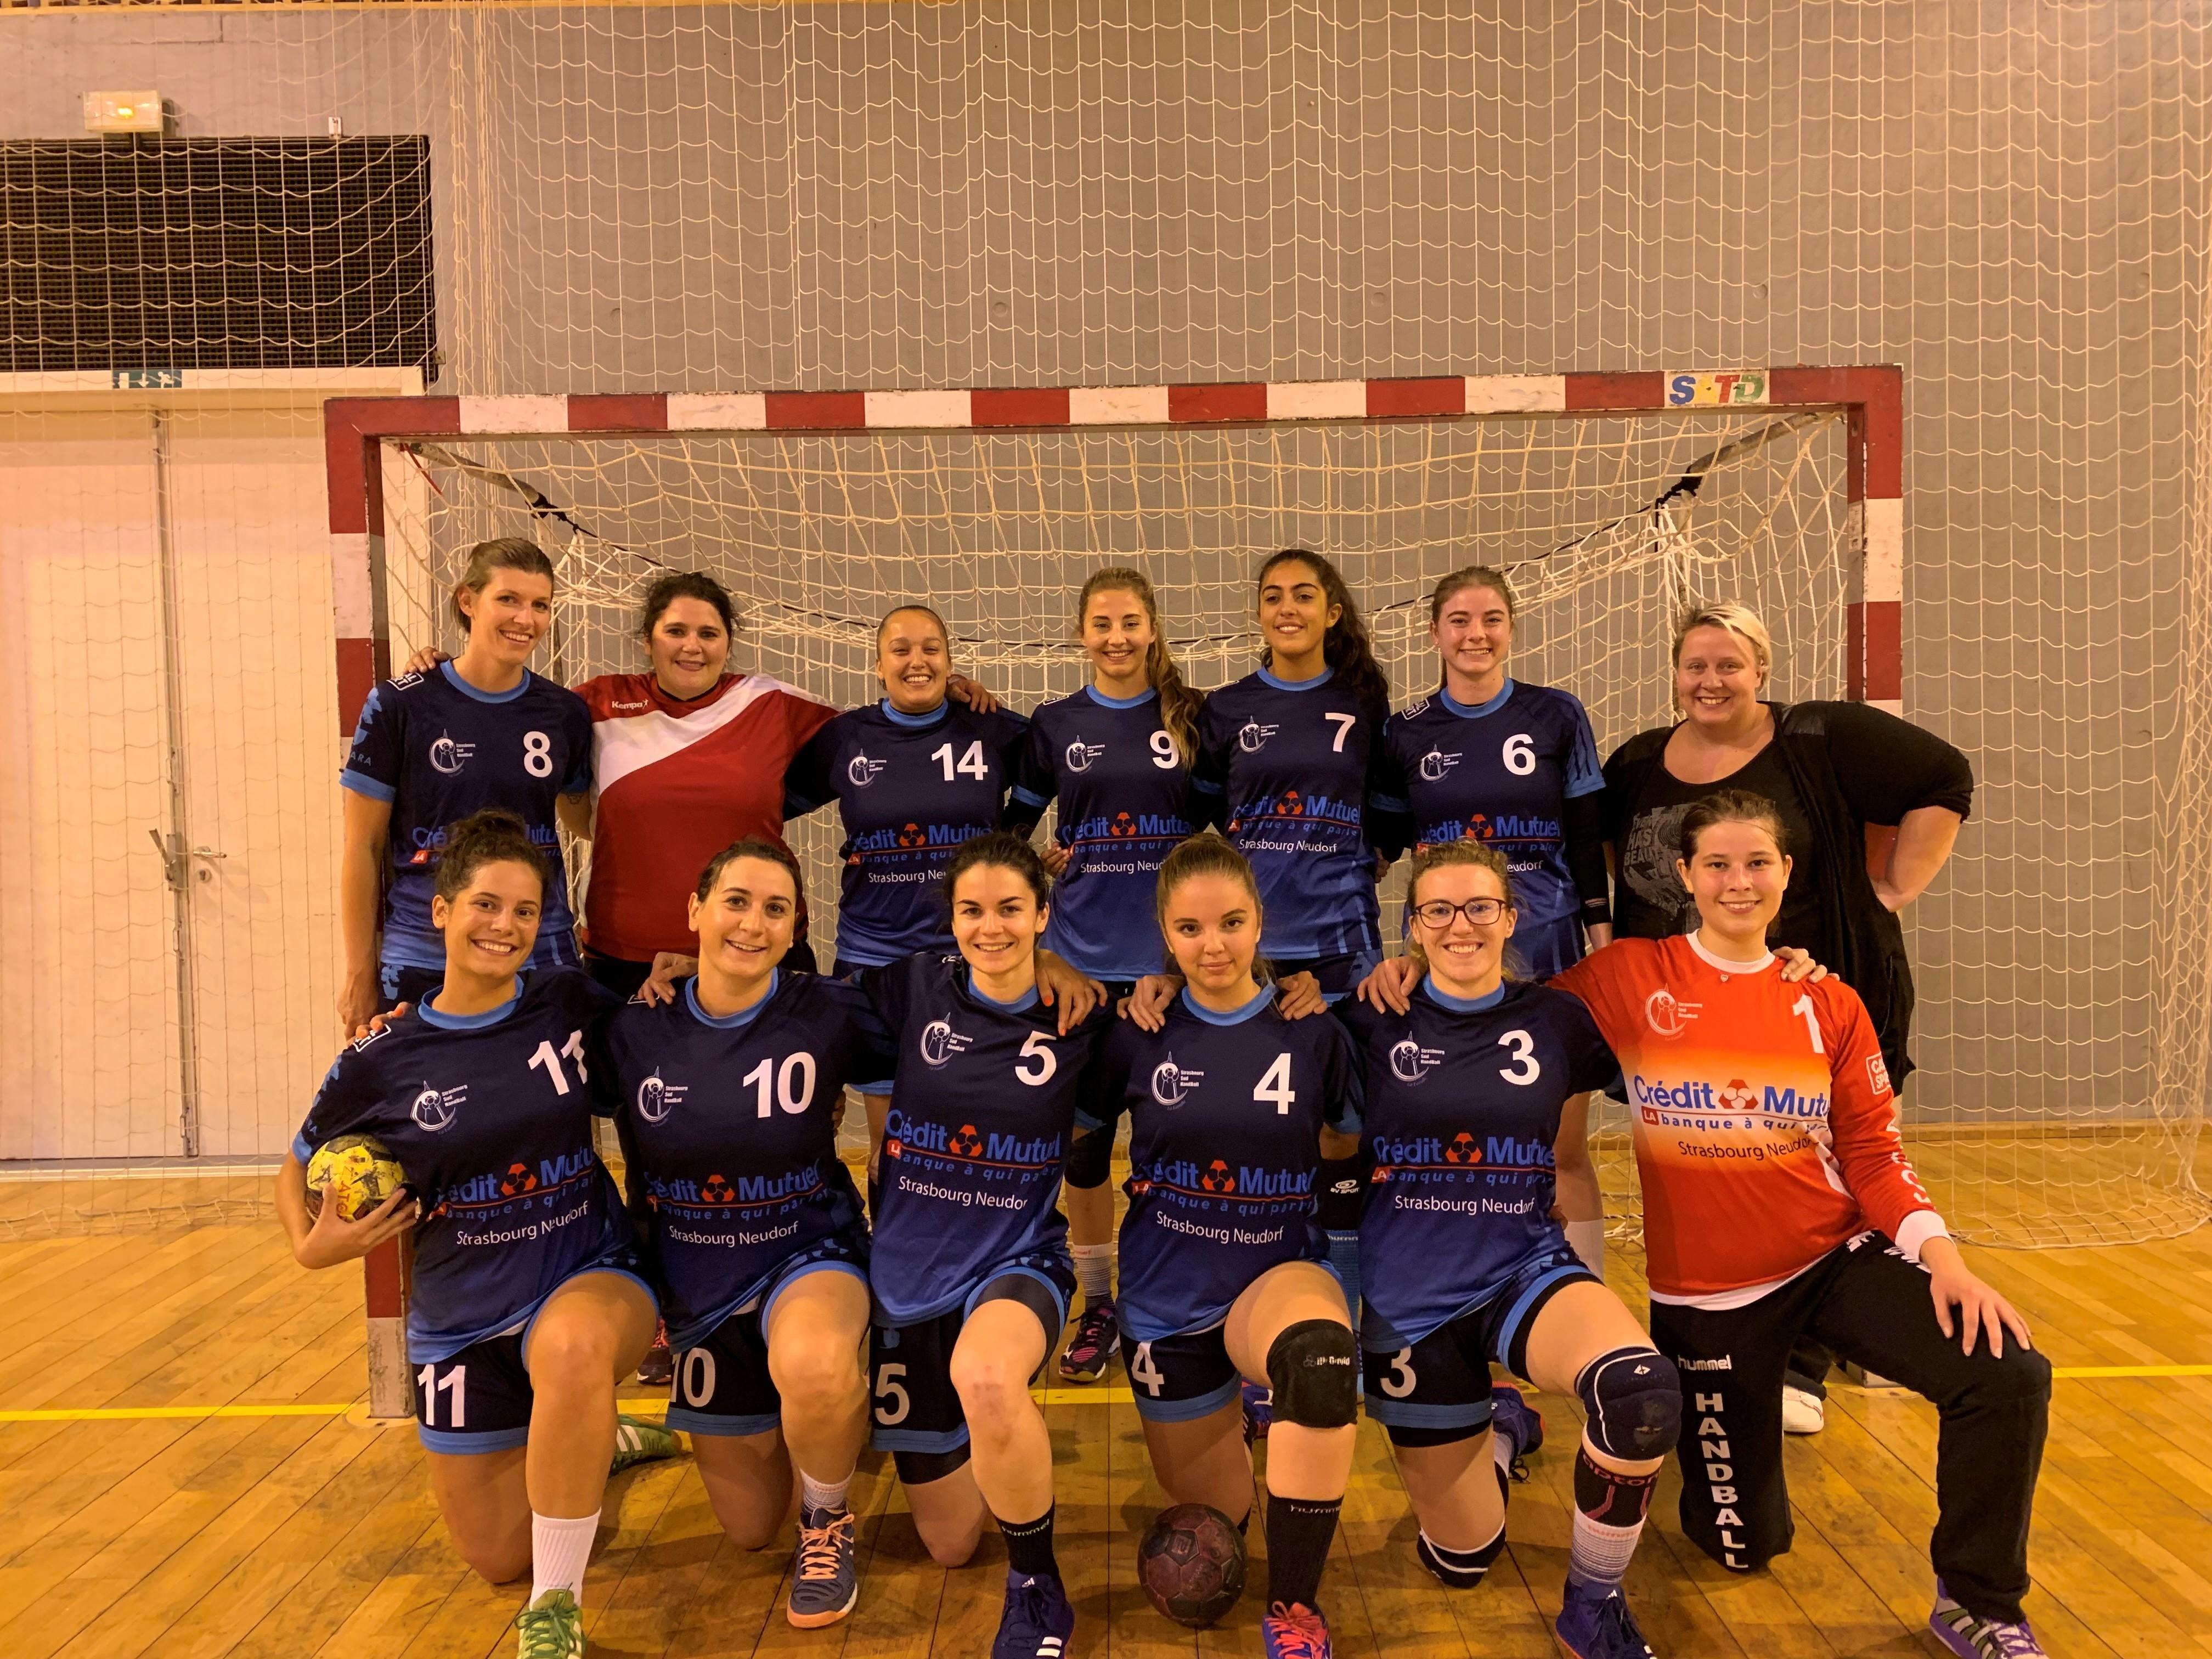 Équipe SSHB des séniors féminines 2